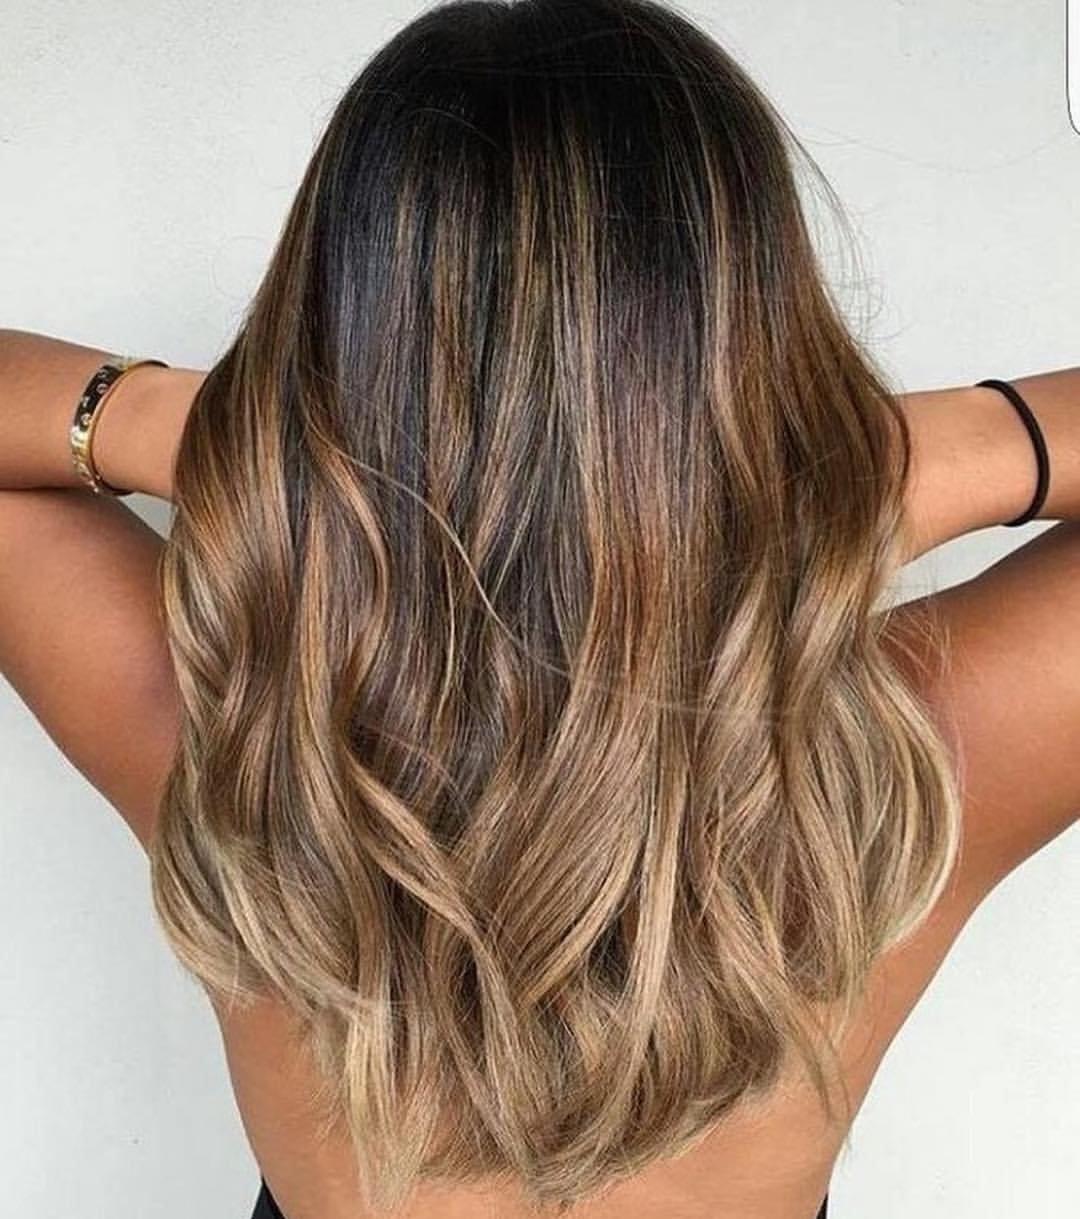 балаяж виды покраски волос фото